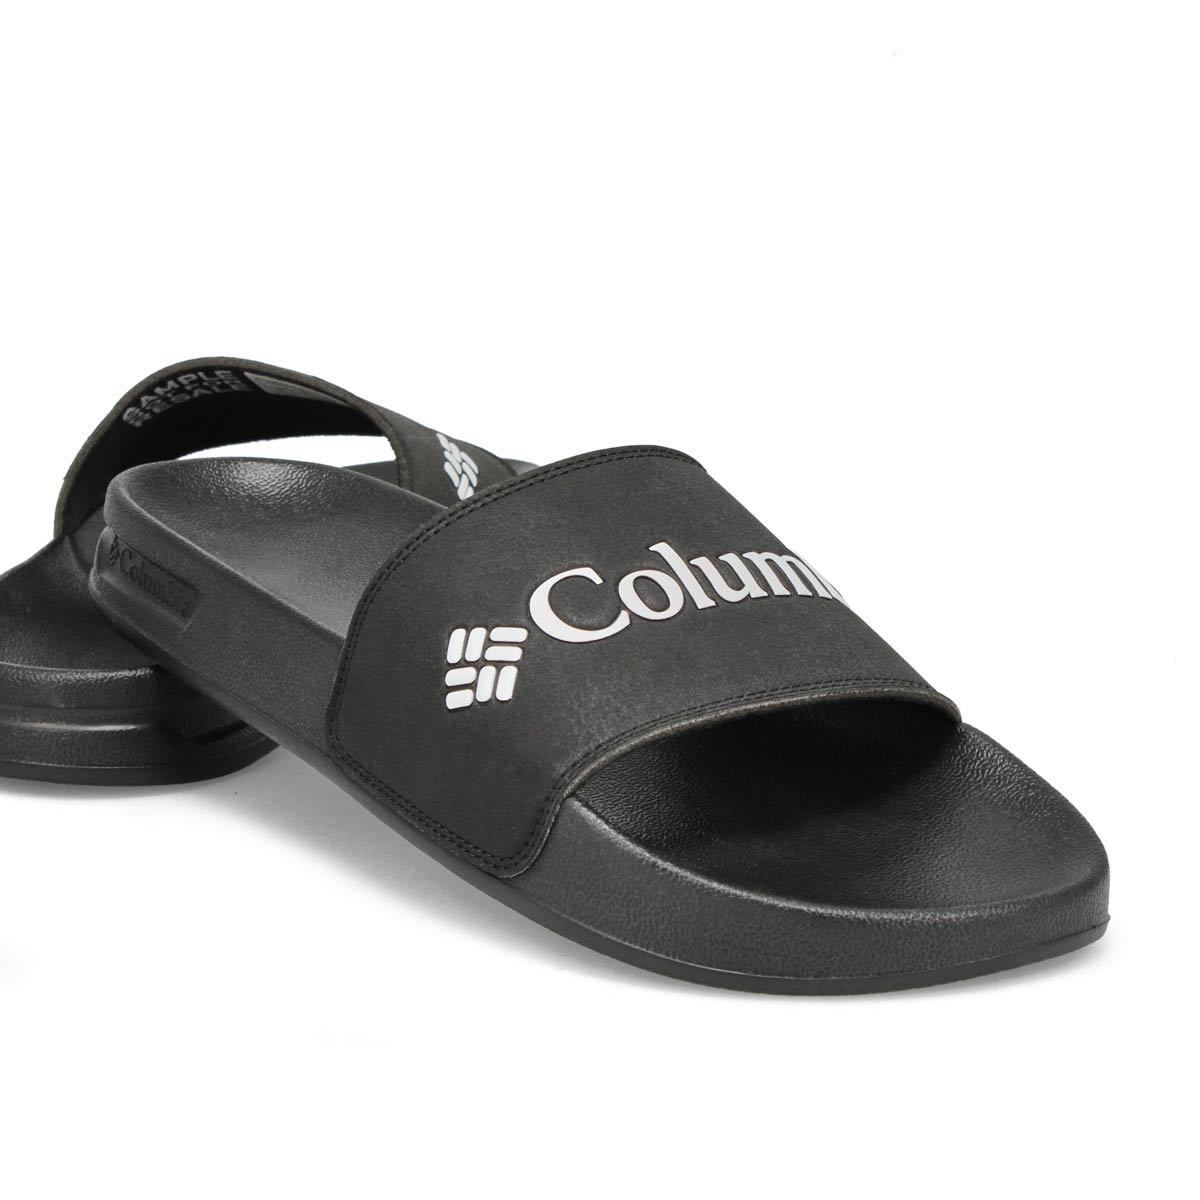 Men's Hood River Slide Sandal - Black/White